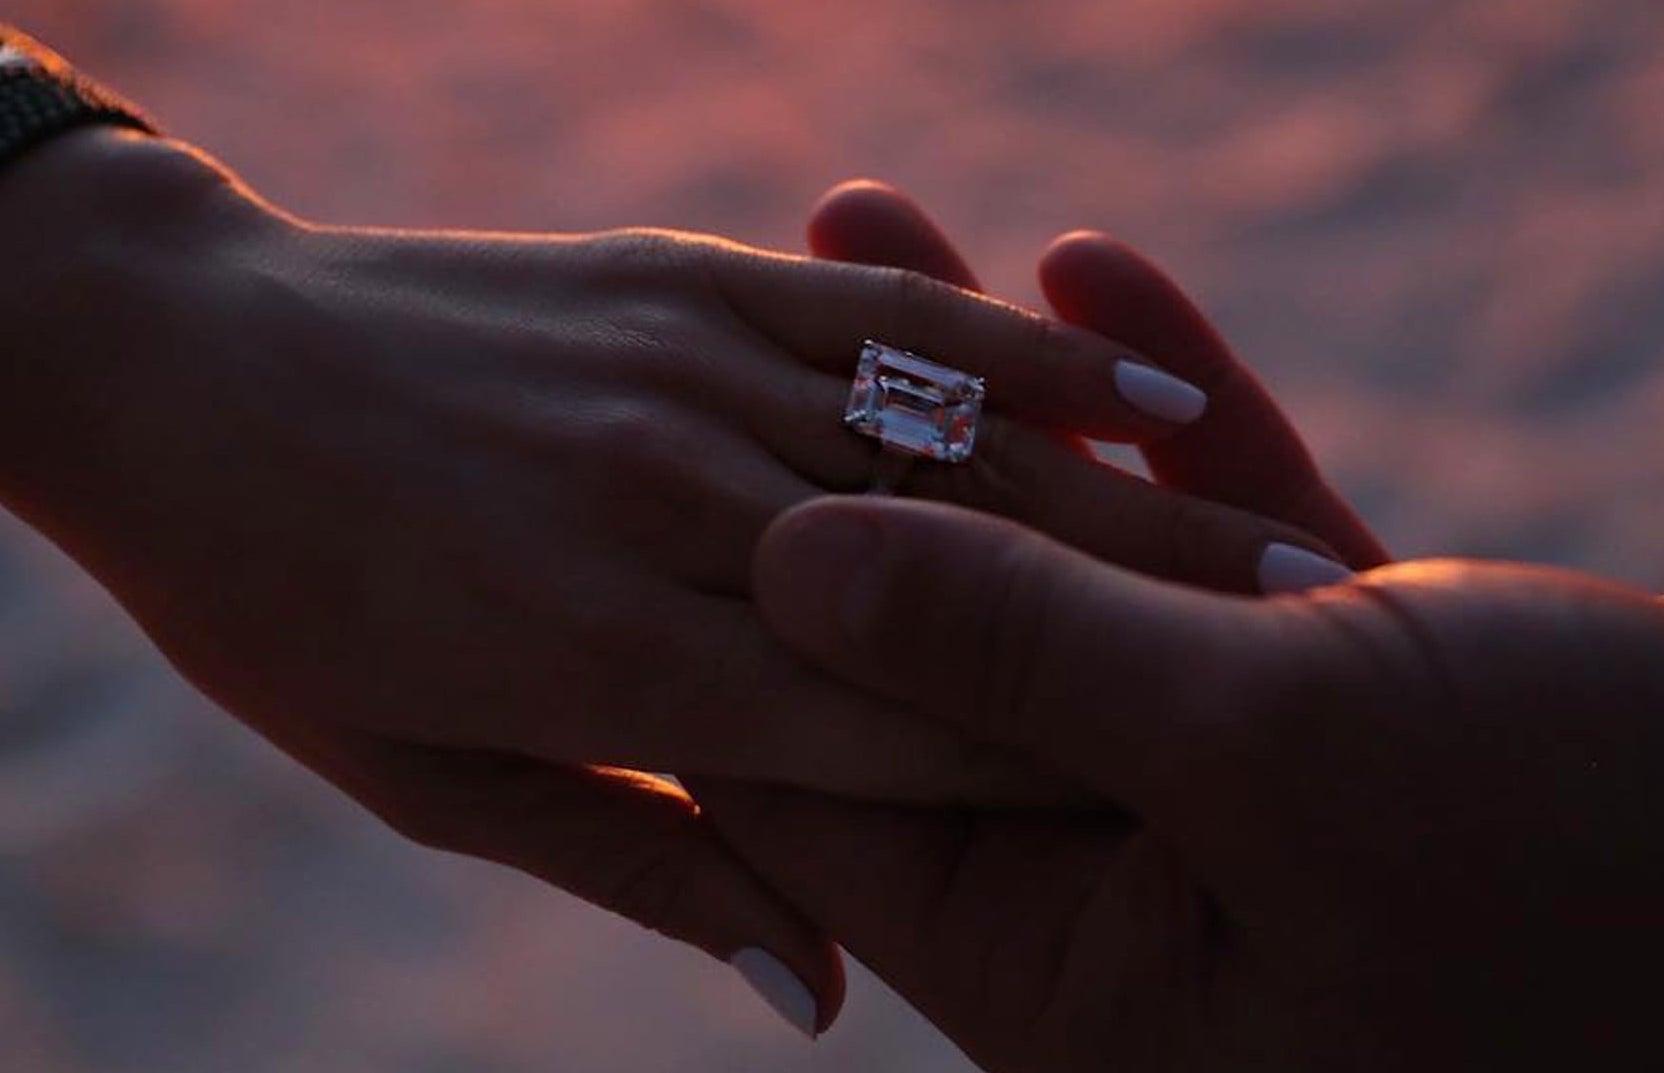 Descubre cuánto cuesta el anillo de compromiso de Jennifer López